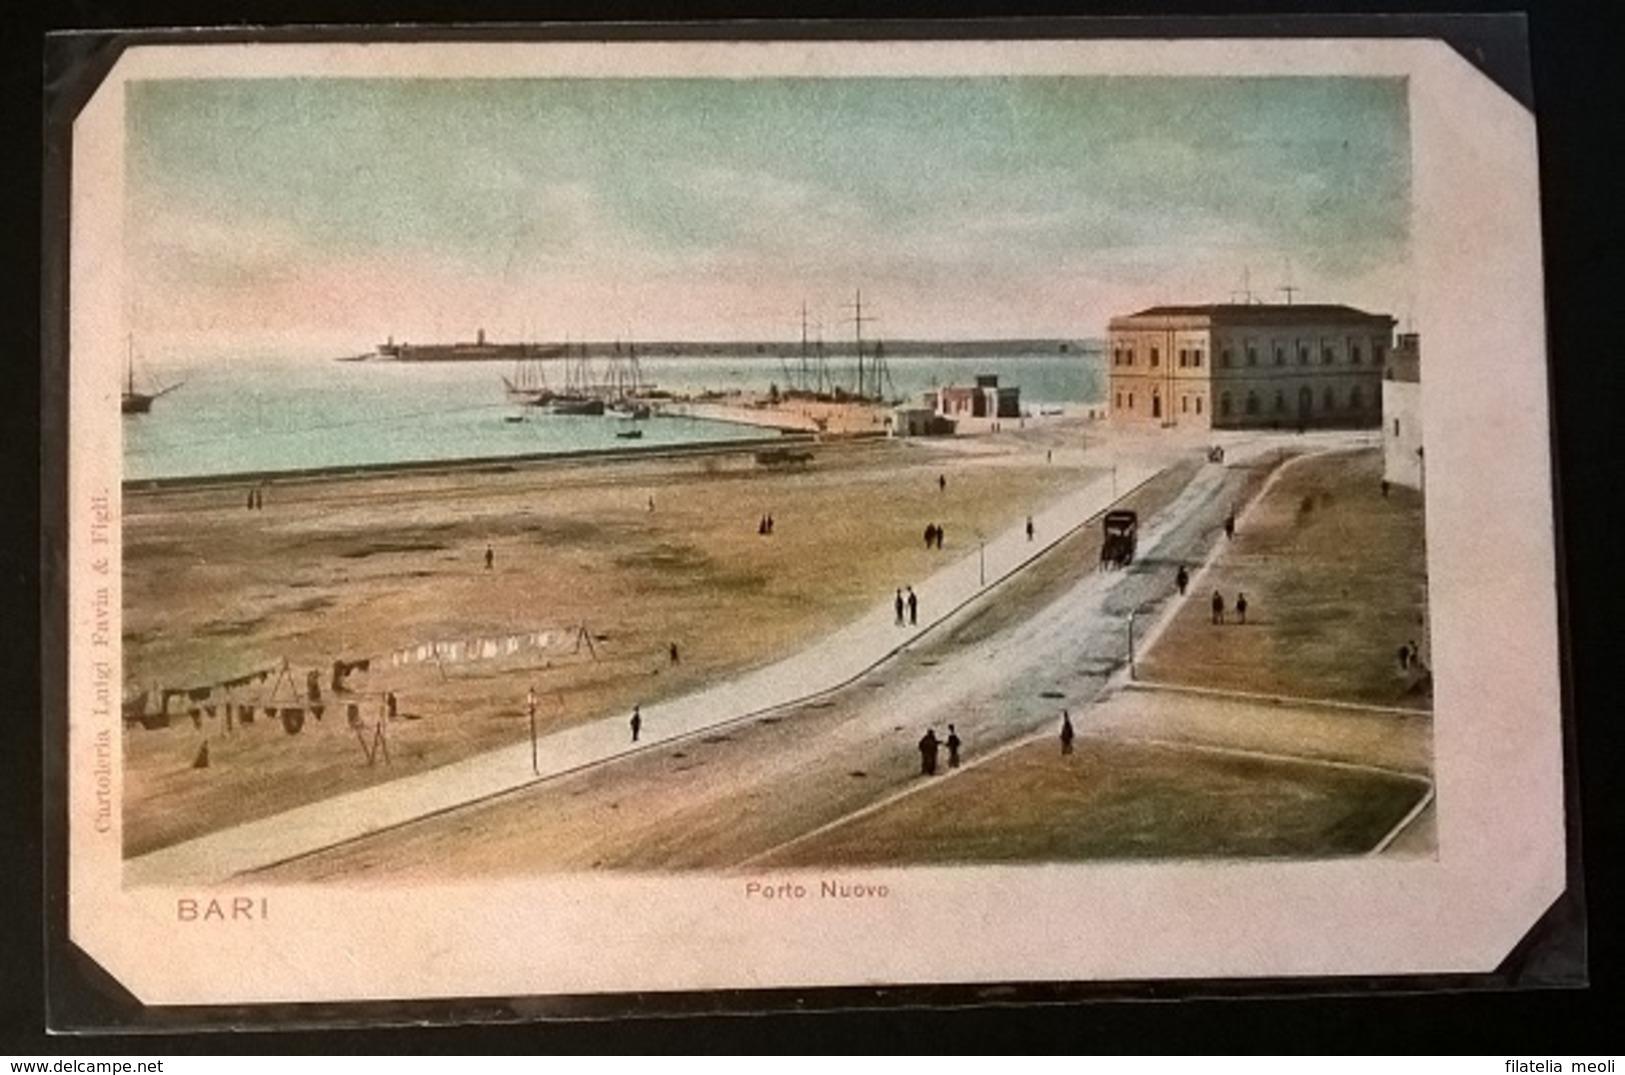 BARI PORTO NUOVO - Bari